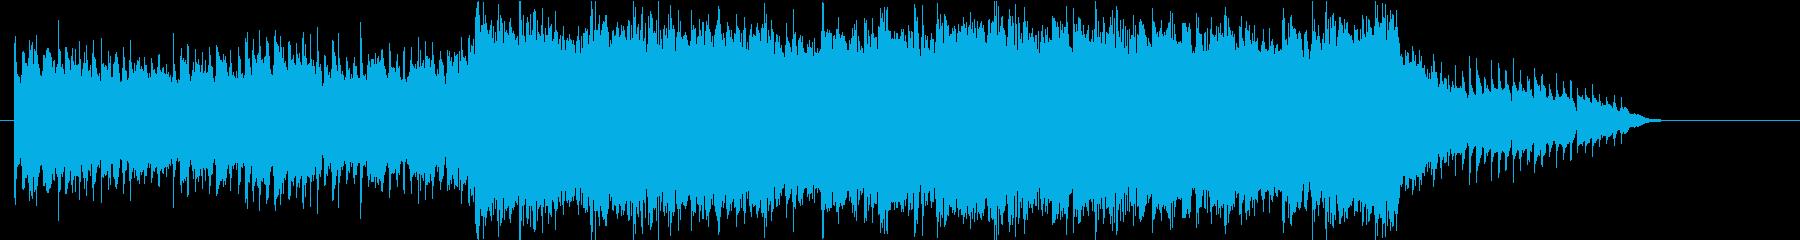 爽やかシネマロック/トレーラーの再生済みの波形